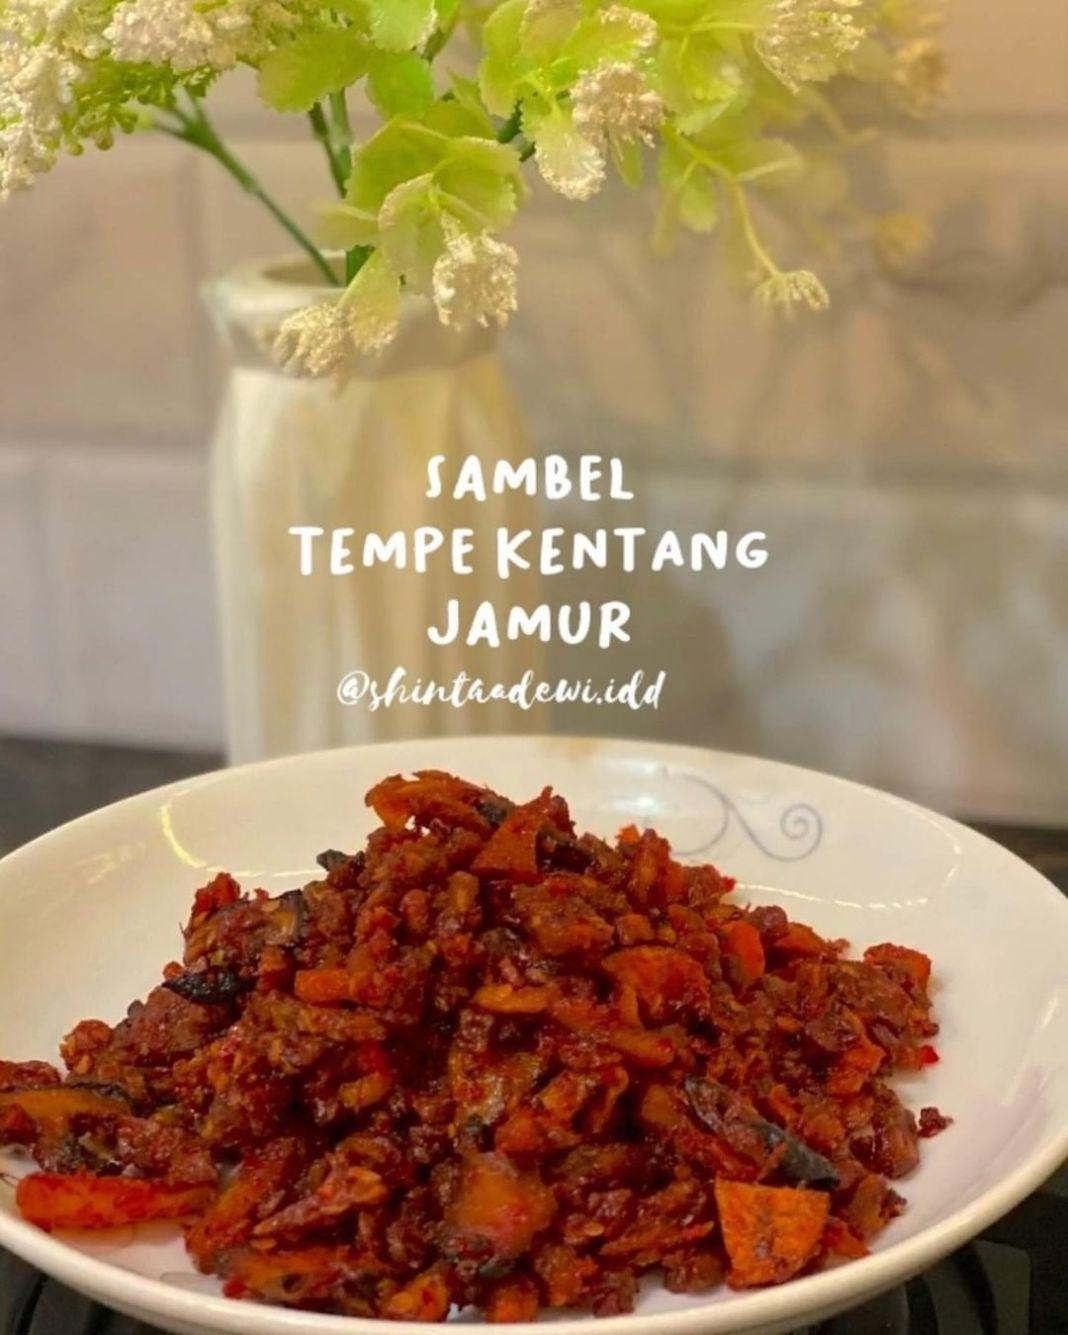 Info kuliner, uda pernah belum nyambel pake jamur ?? • • • biasa sambel gini ditemuinya di tempat makanan yg …